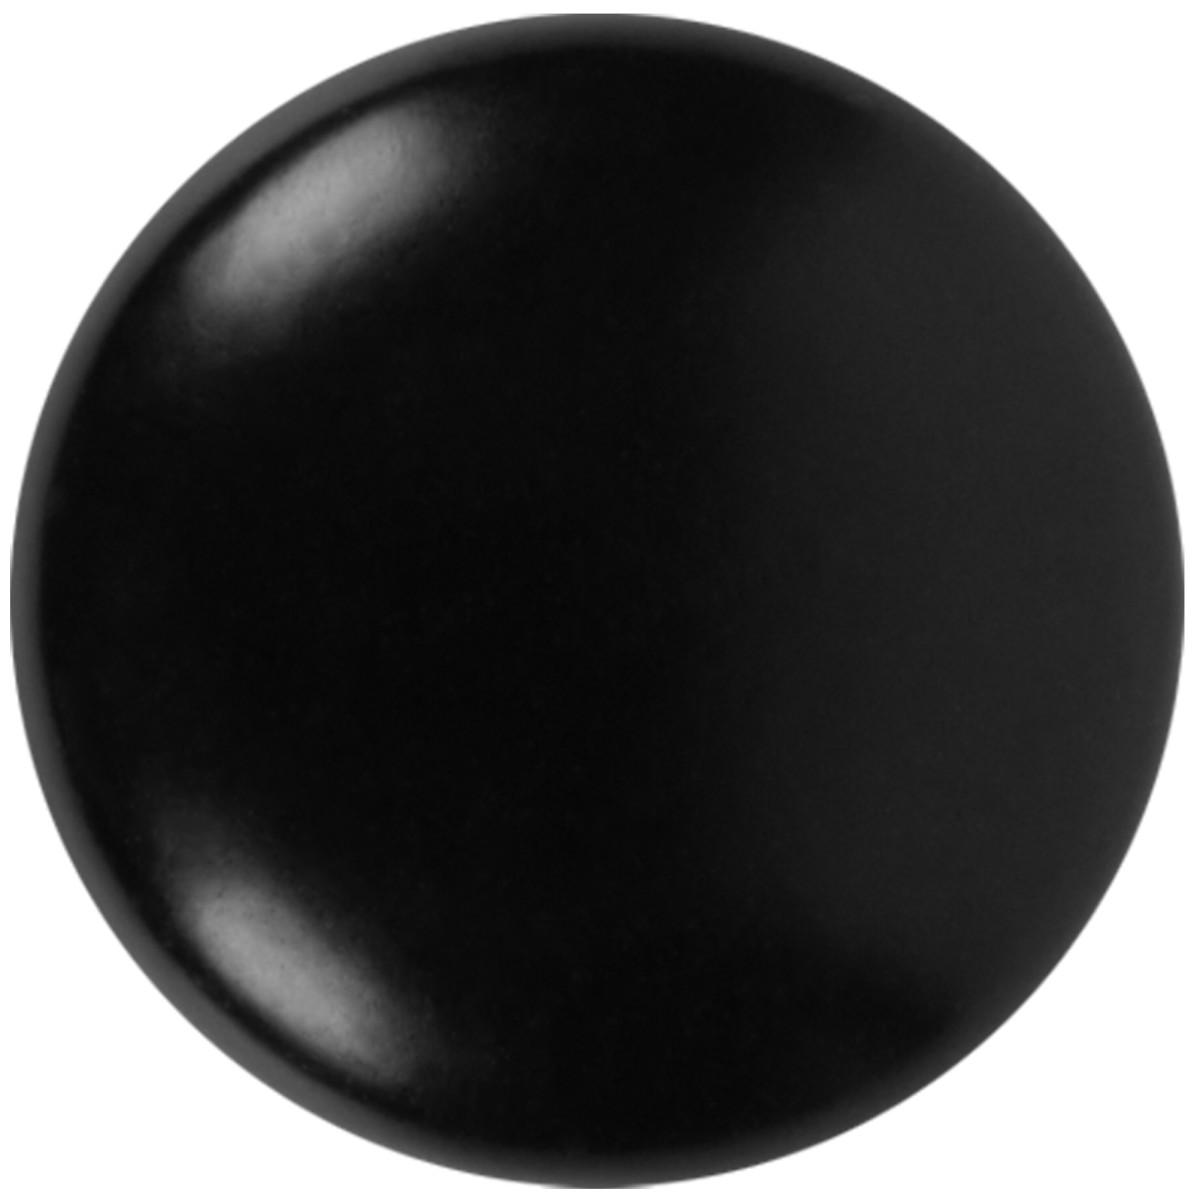 Ручка-Кноб L4knob05bl Цвет Чёрный